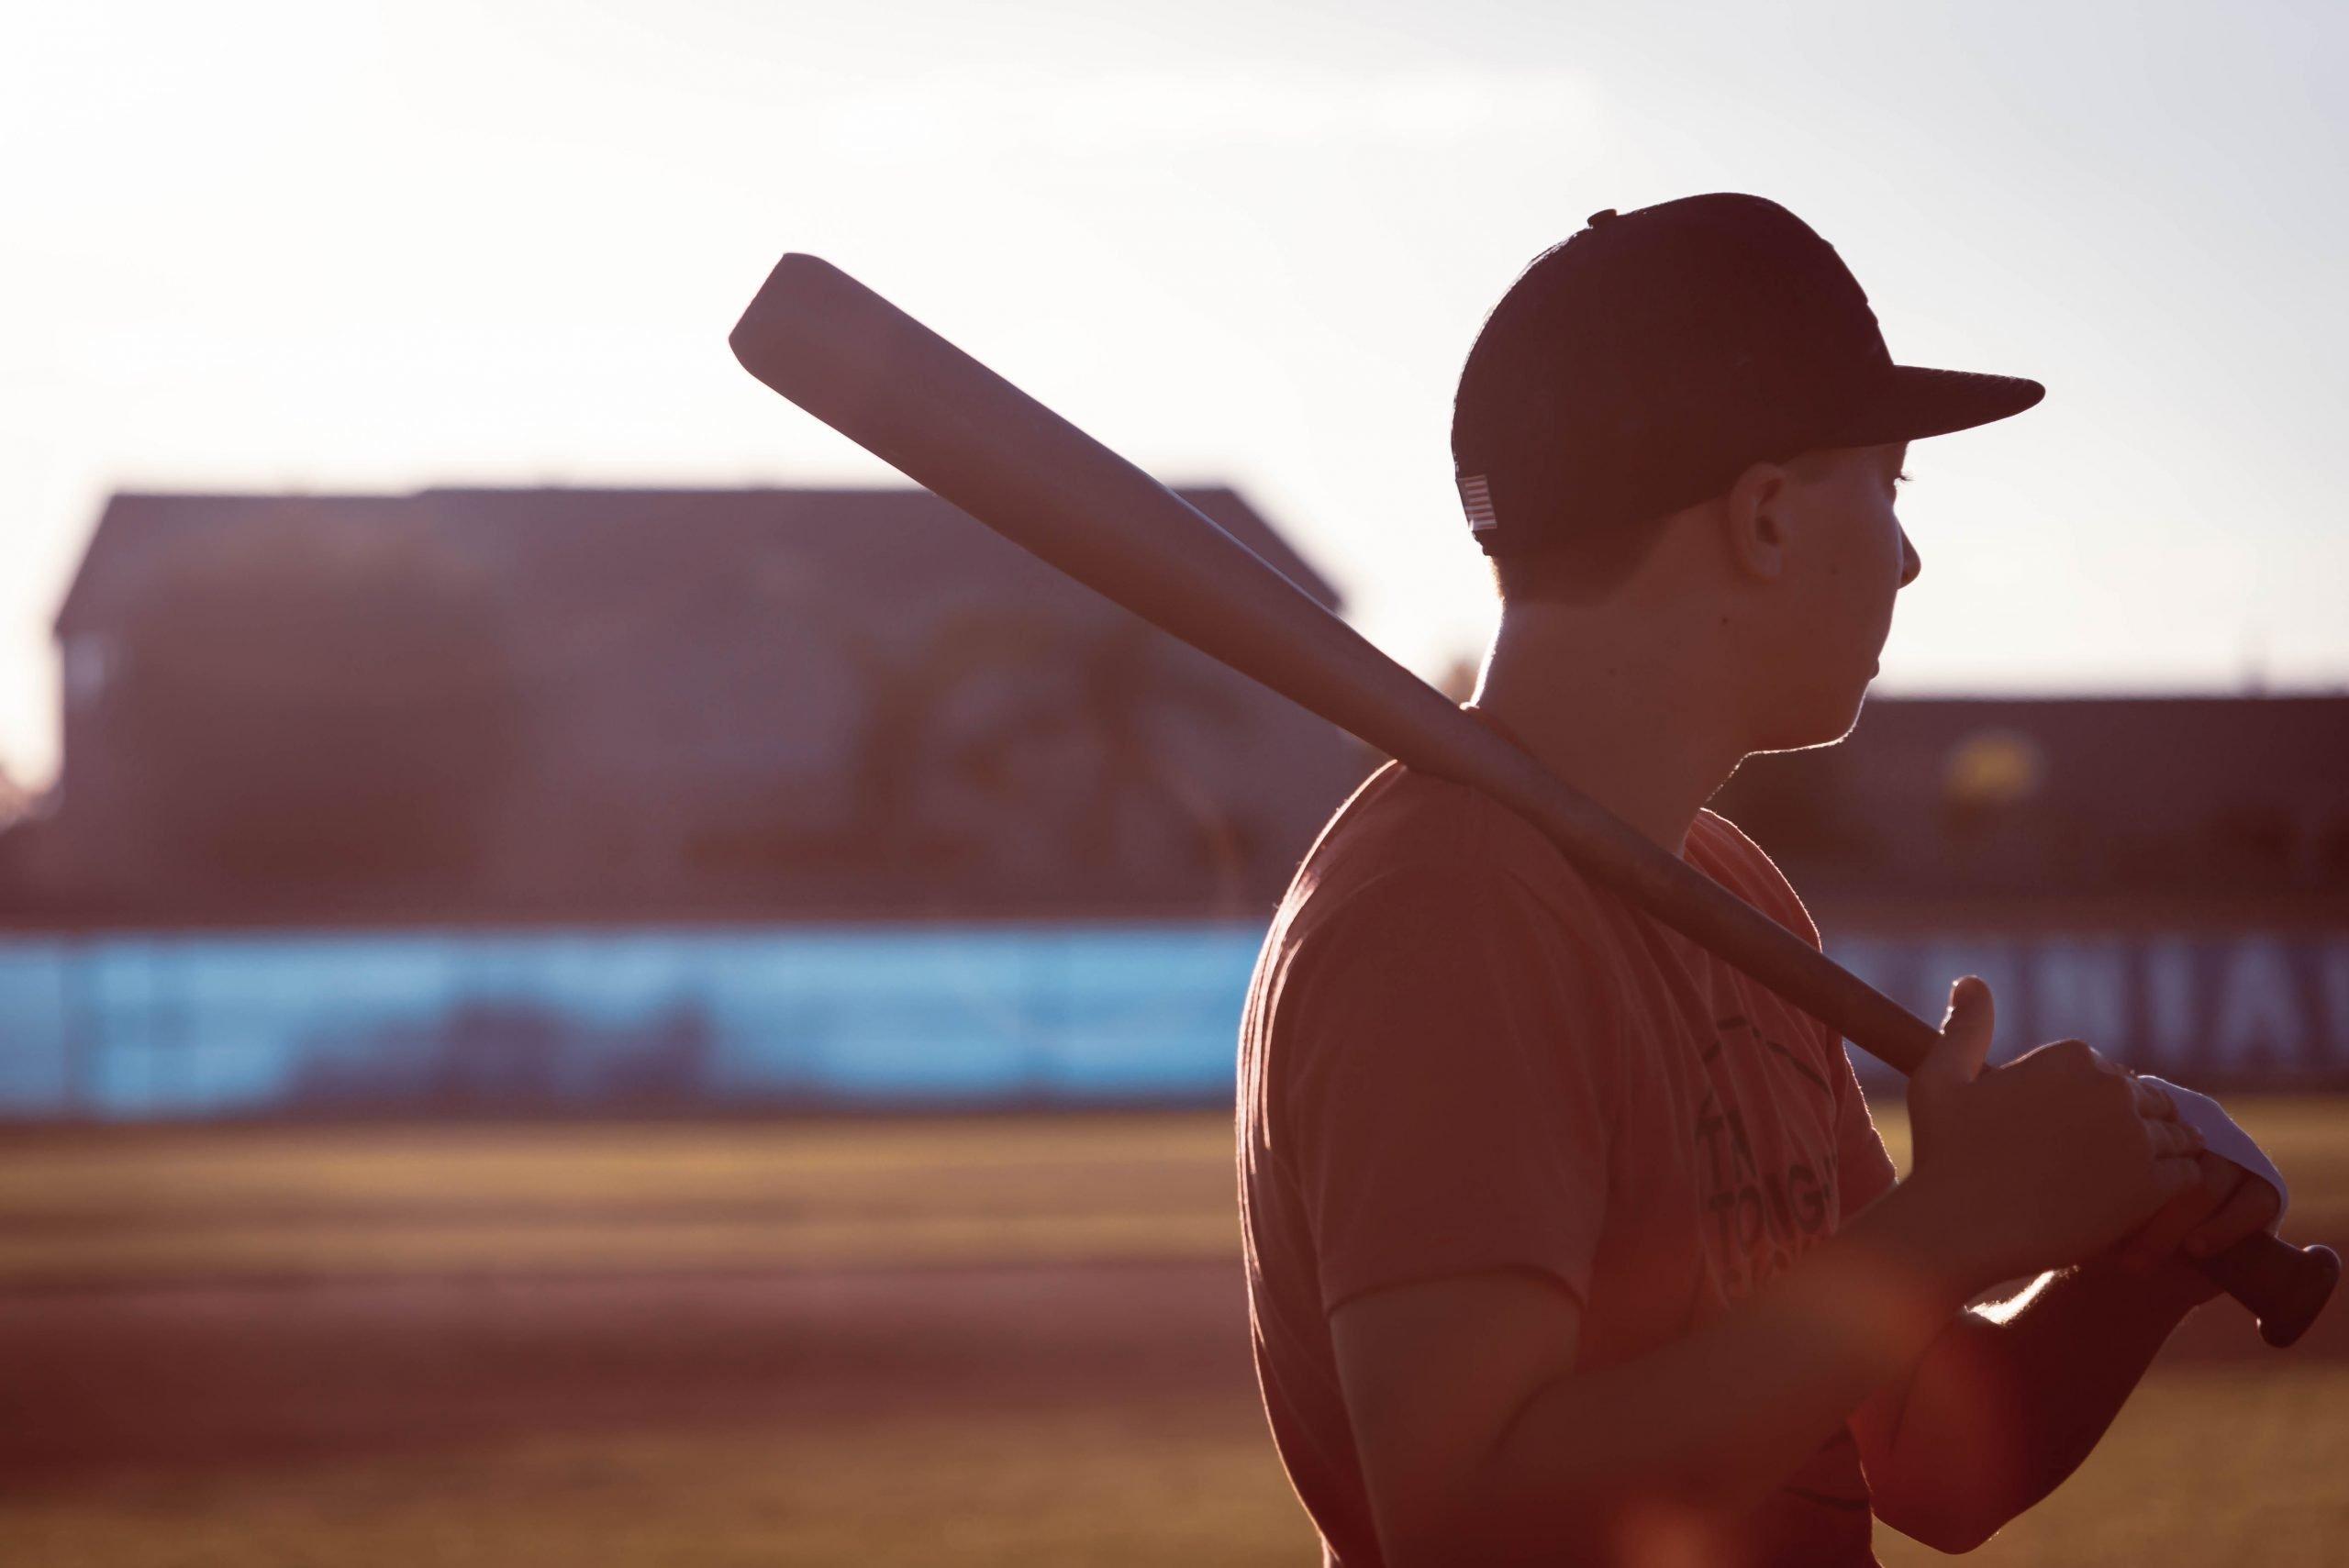 Best Easton Wood Bats [2020 Reviews] - BatSmash.com.com